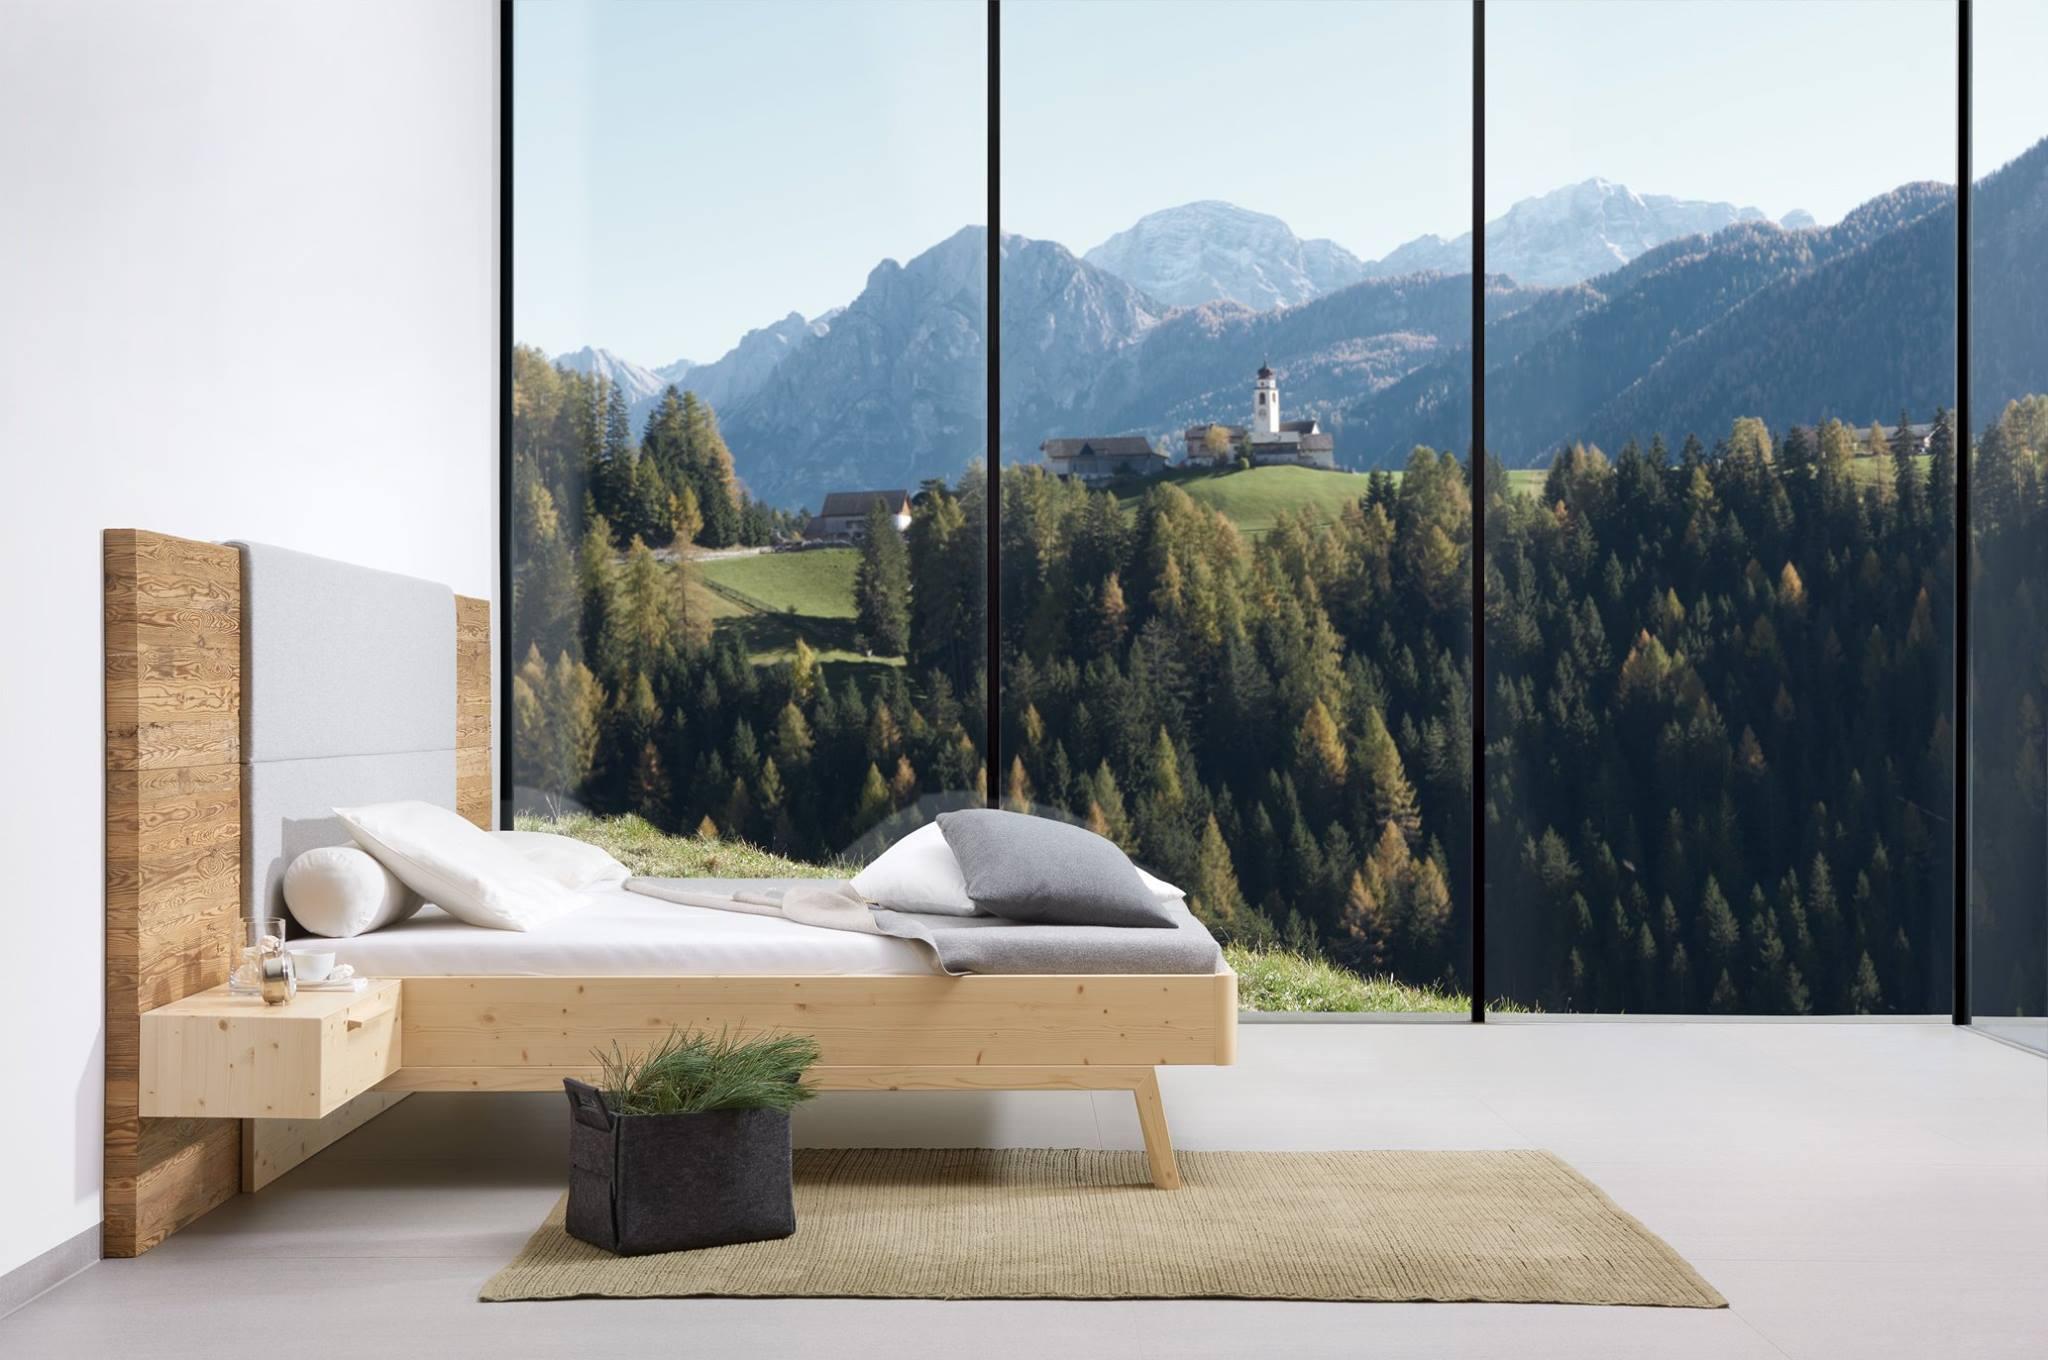 Arredo Ufficio Legno Massello : Gaderform u2013 mobili in legno massiccio della falegnameria in val